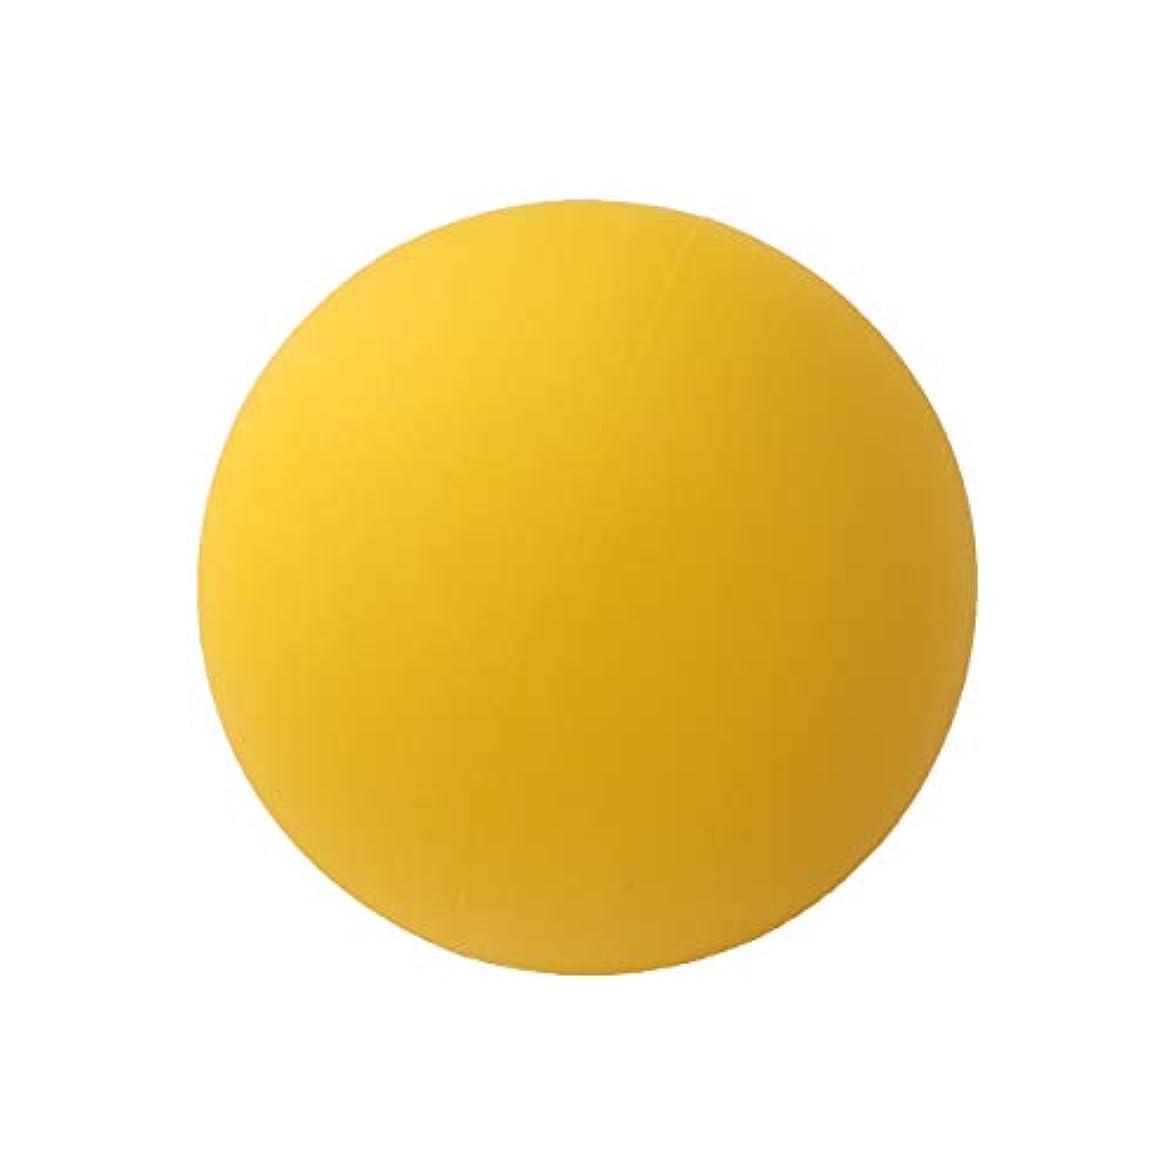 接尾辞頻繁に革命的VORCOOL マッサージボール ヨガ ストレッチボール トリガーポイント 筋膜リリース トレーニング 背中 肩こり 腰 ふくらはぎ 足裏 ツボ押しグッズ 物理 マッサージ 療法ボール